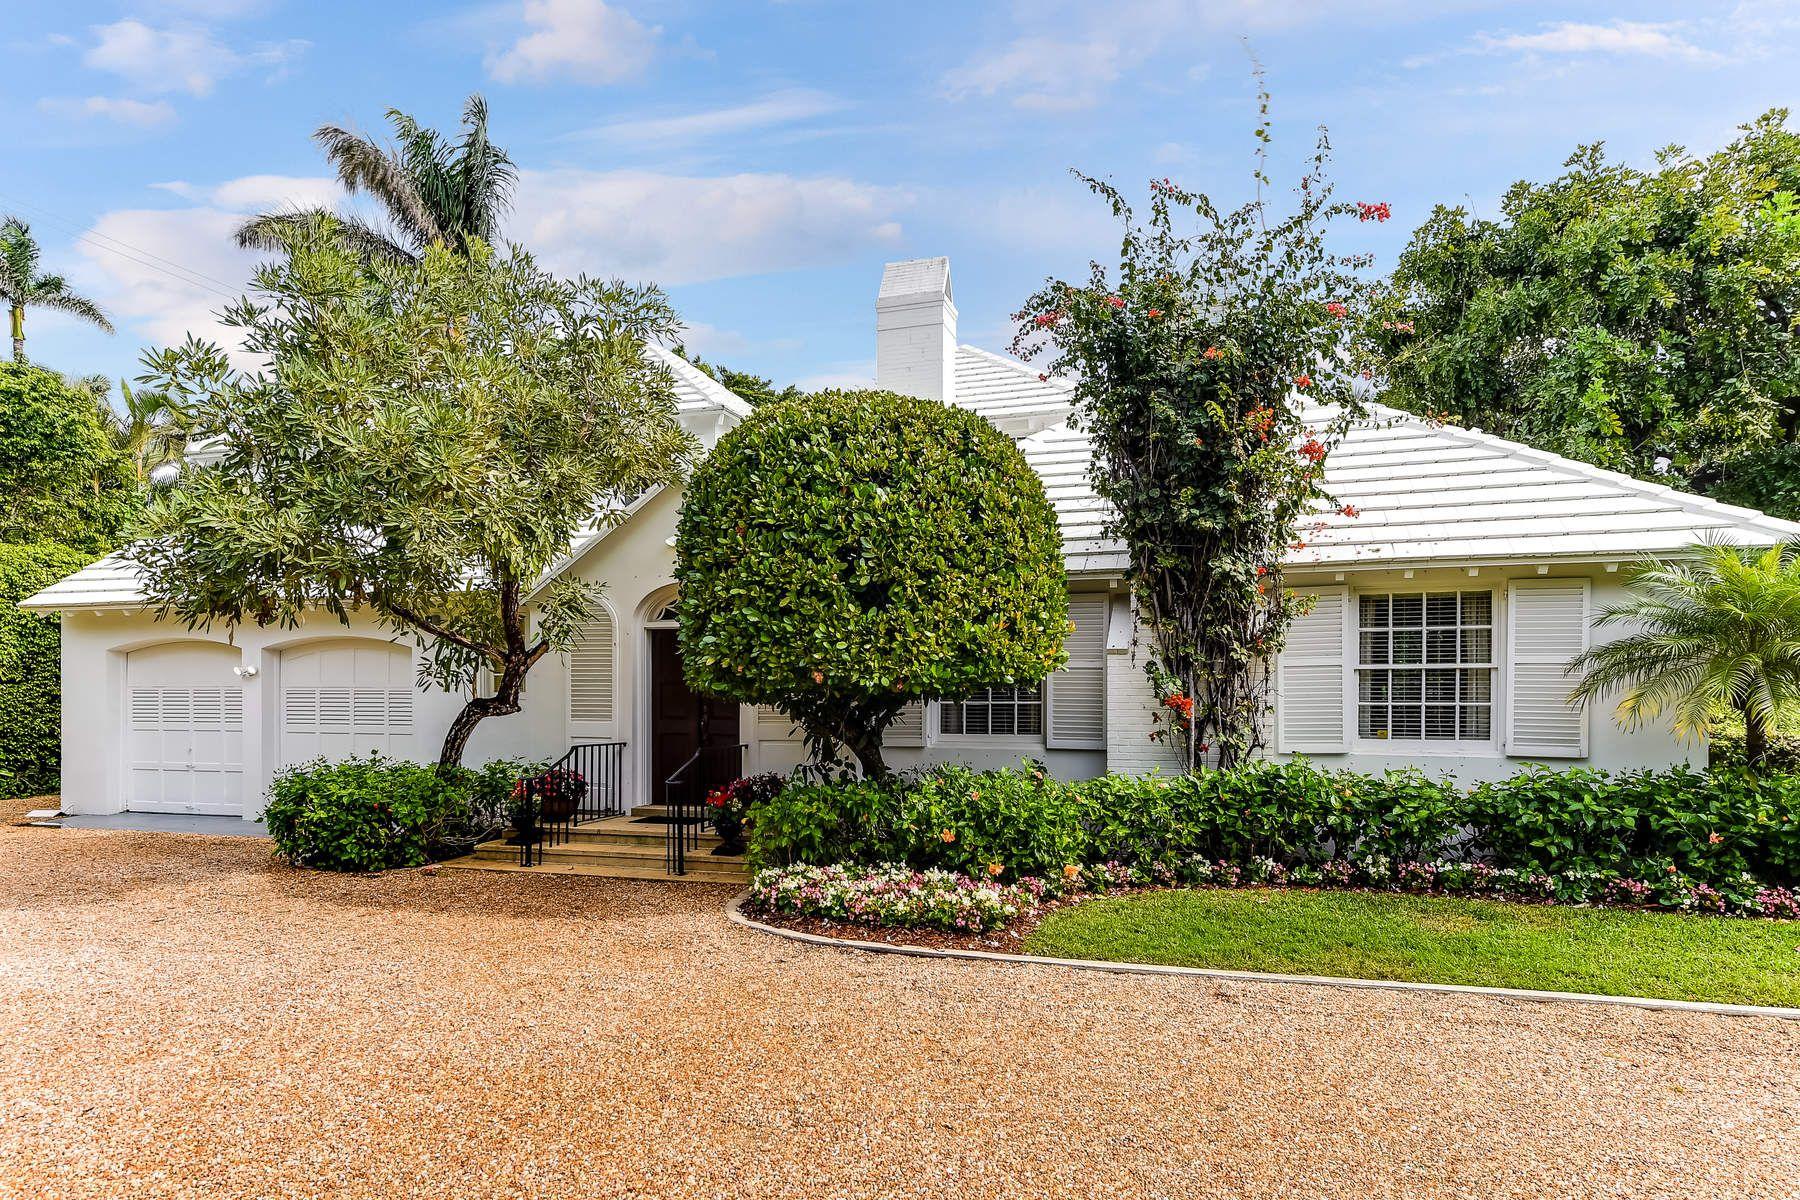 獨棟家庭住宅 為 出售 在 Classic Palm Beach Property 239 Emerald Ln, North End, Palm Beach, 佛羅里達州, 33480 美國